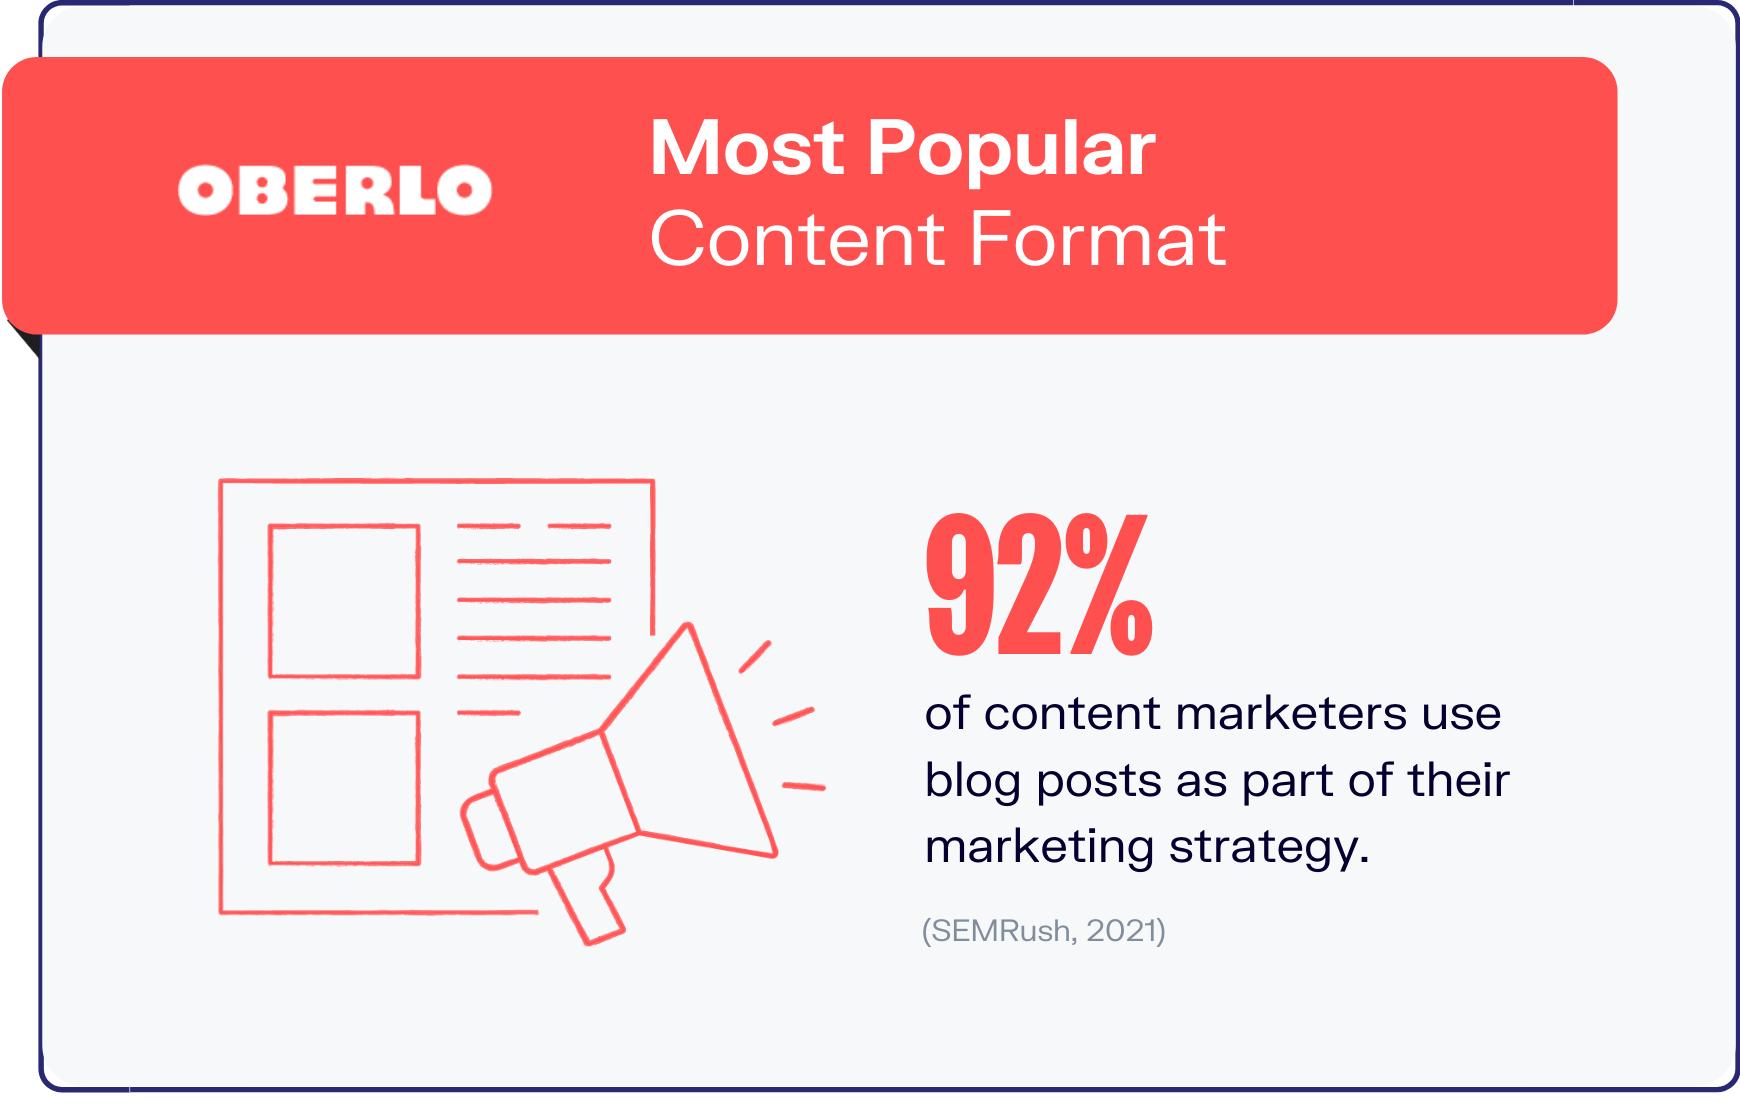 blogging statistics graphic 3